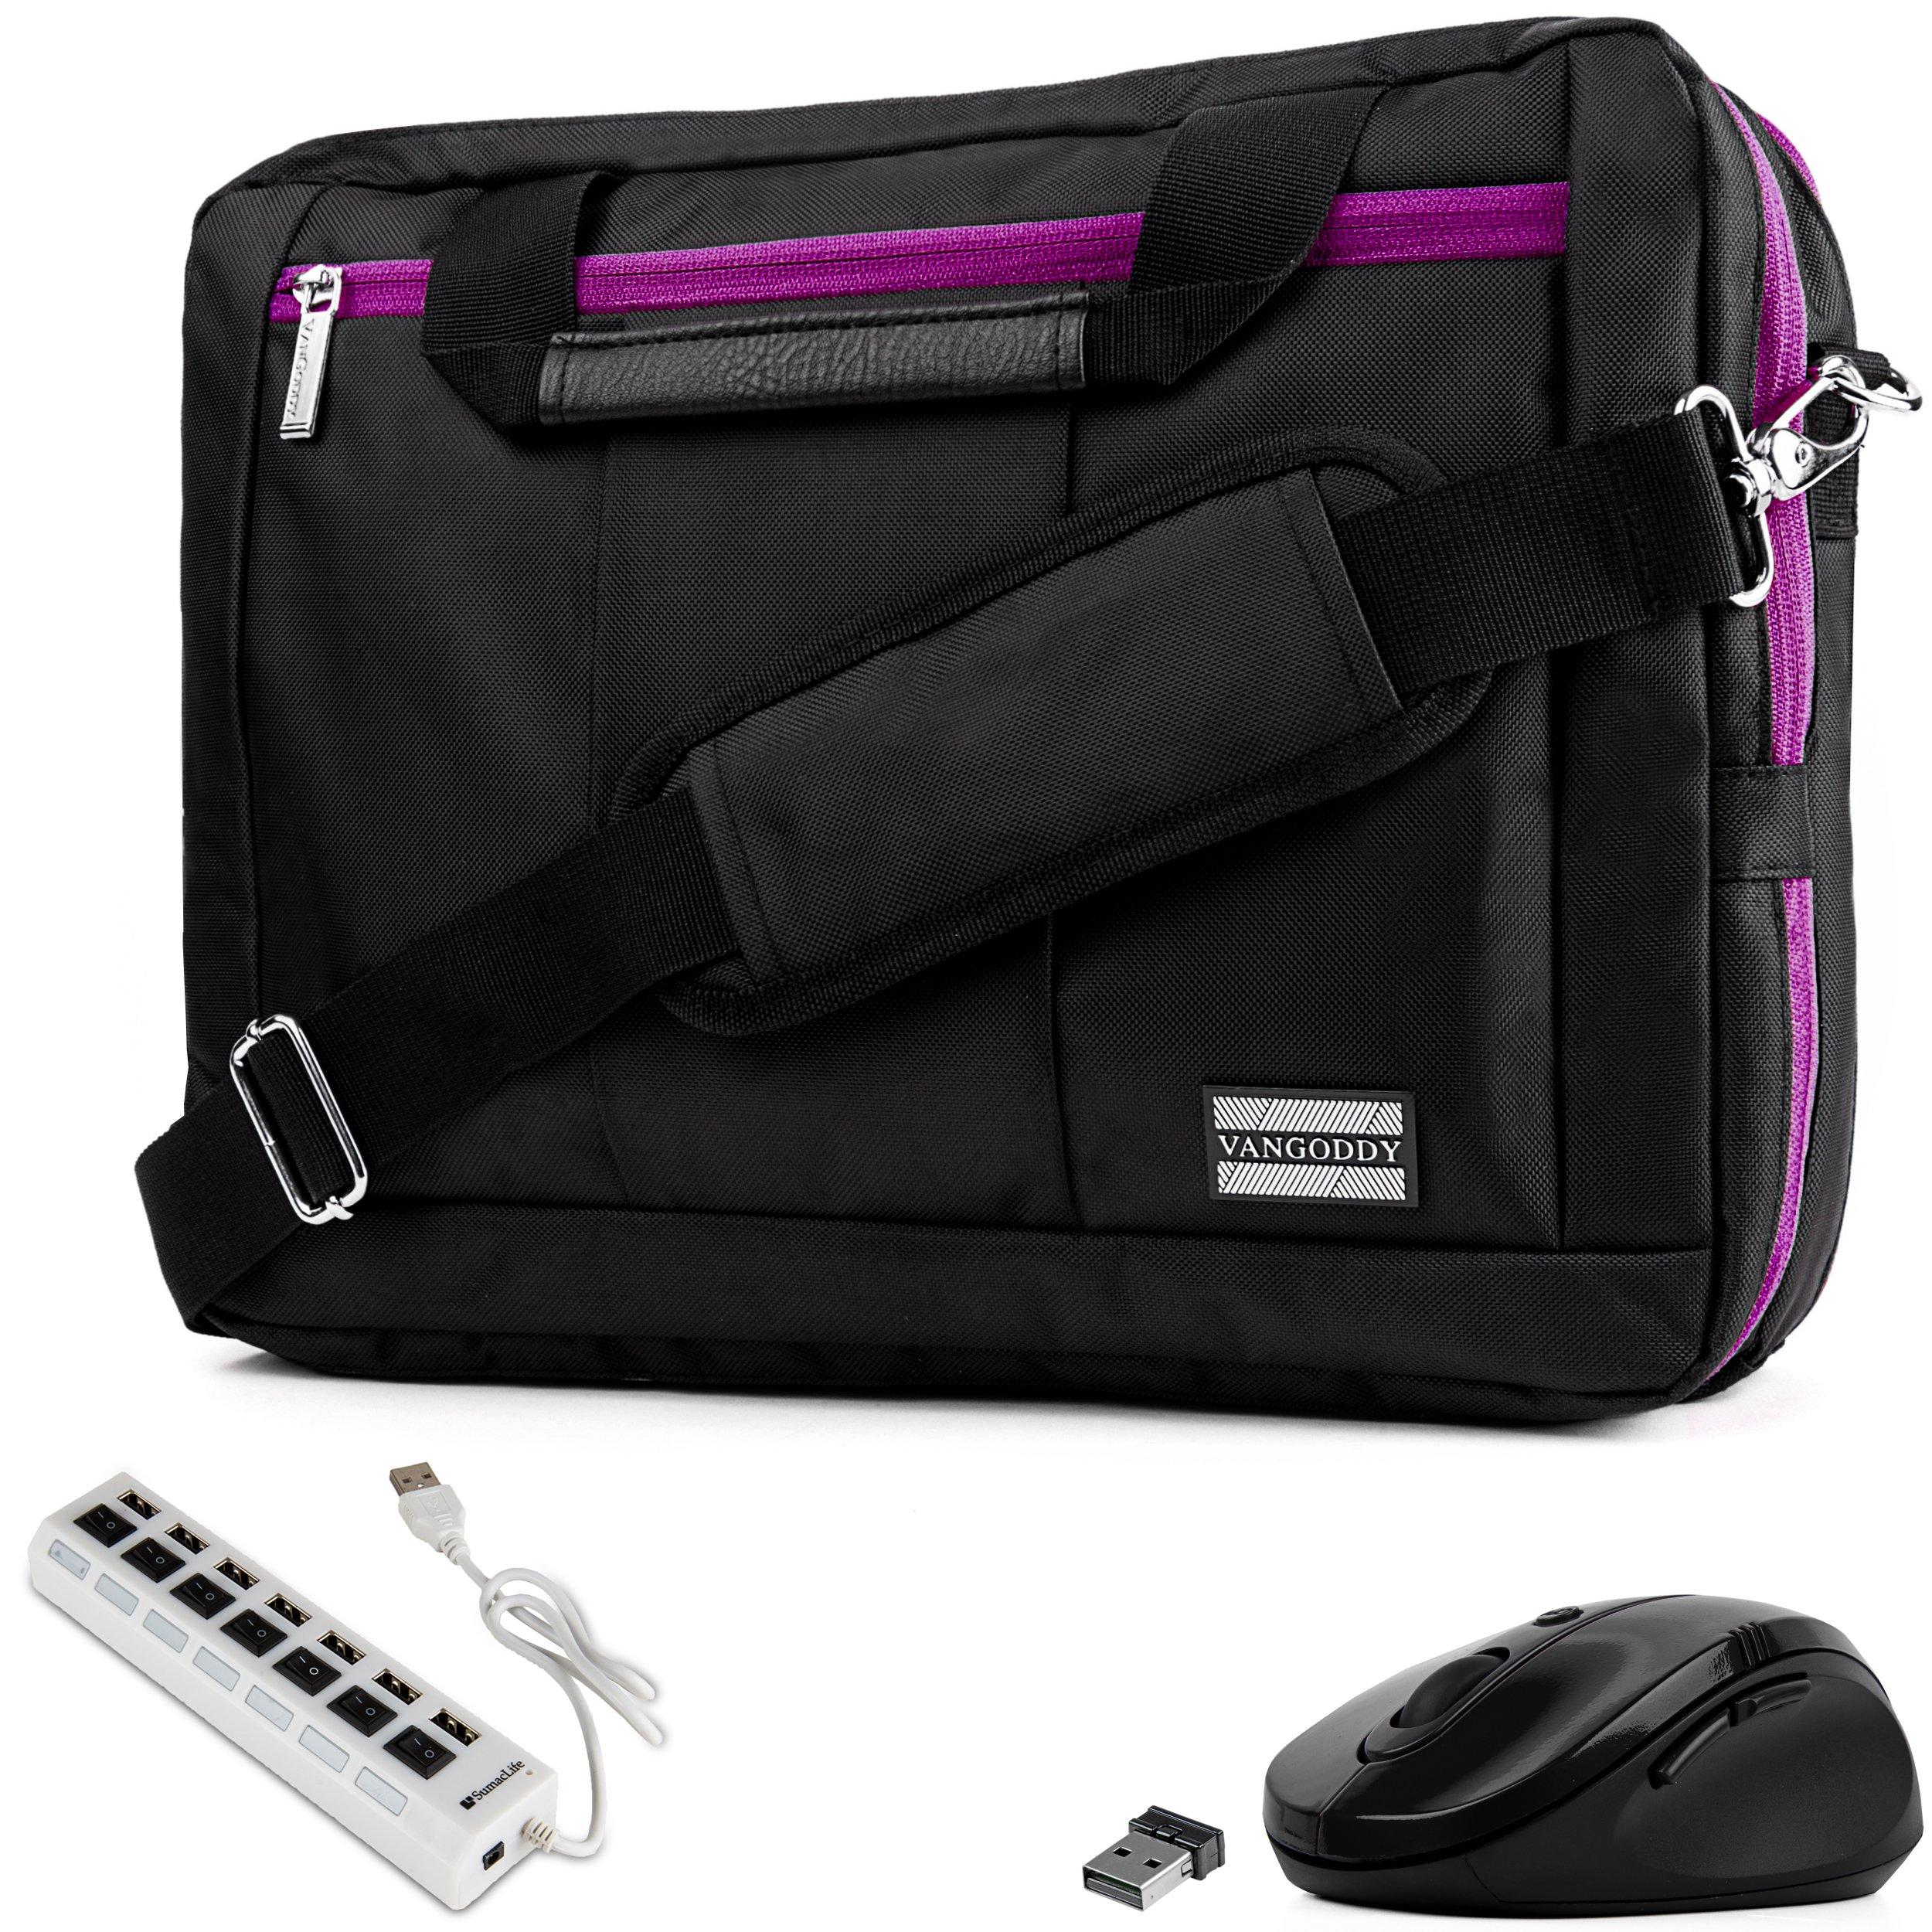 VanGoddy 3-in-1 Purple Trim Hybrid Laptop Bag w/Mouse and USB HUB for Lenovo Flex/ThinkPad/IdeaPad/Legion/Yoga 14''-15.6in